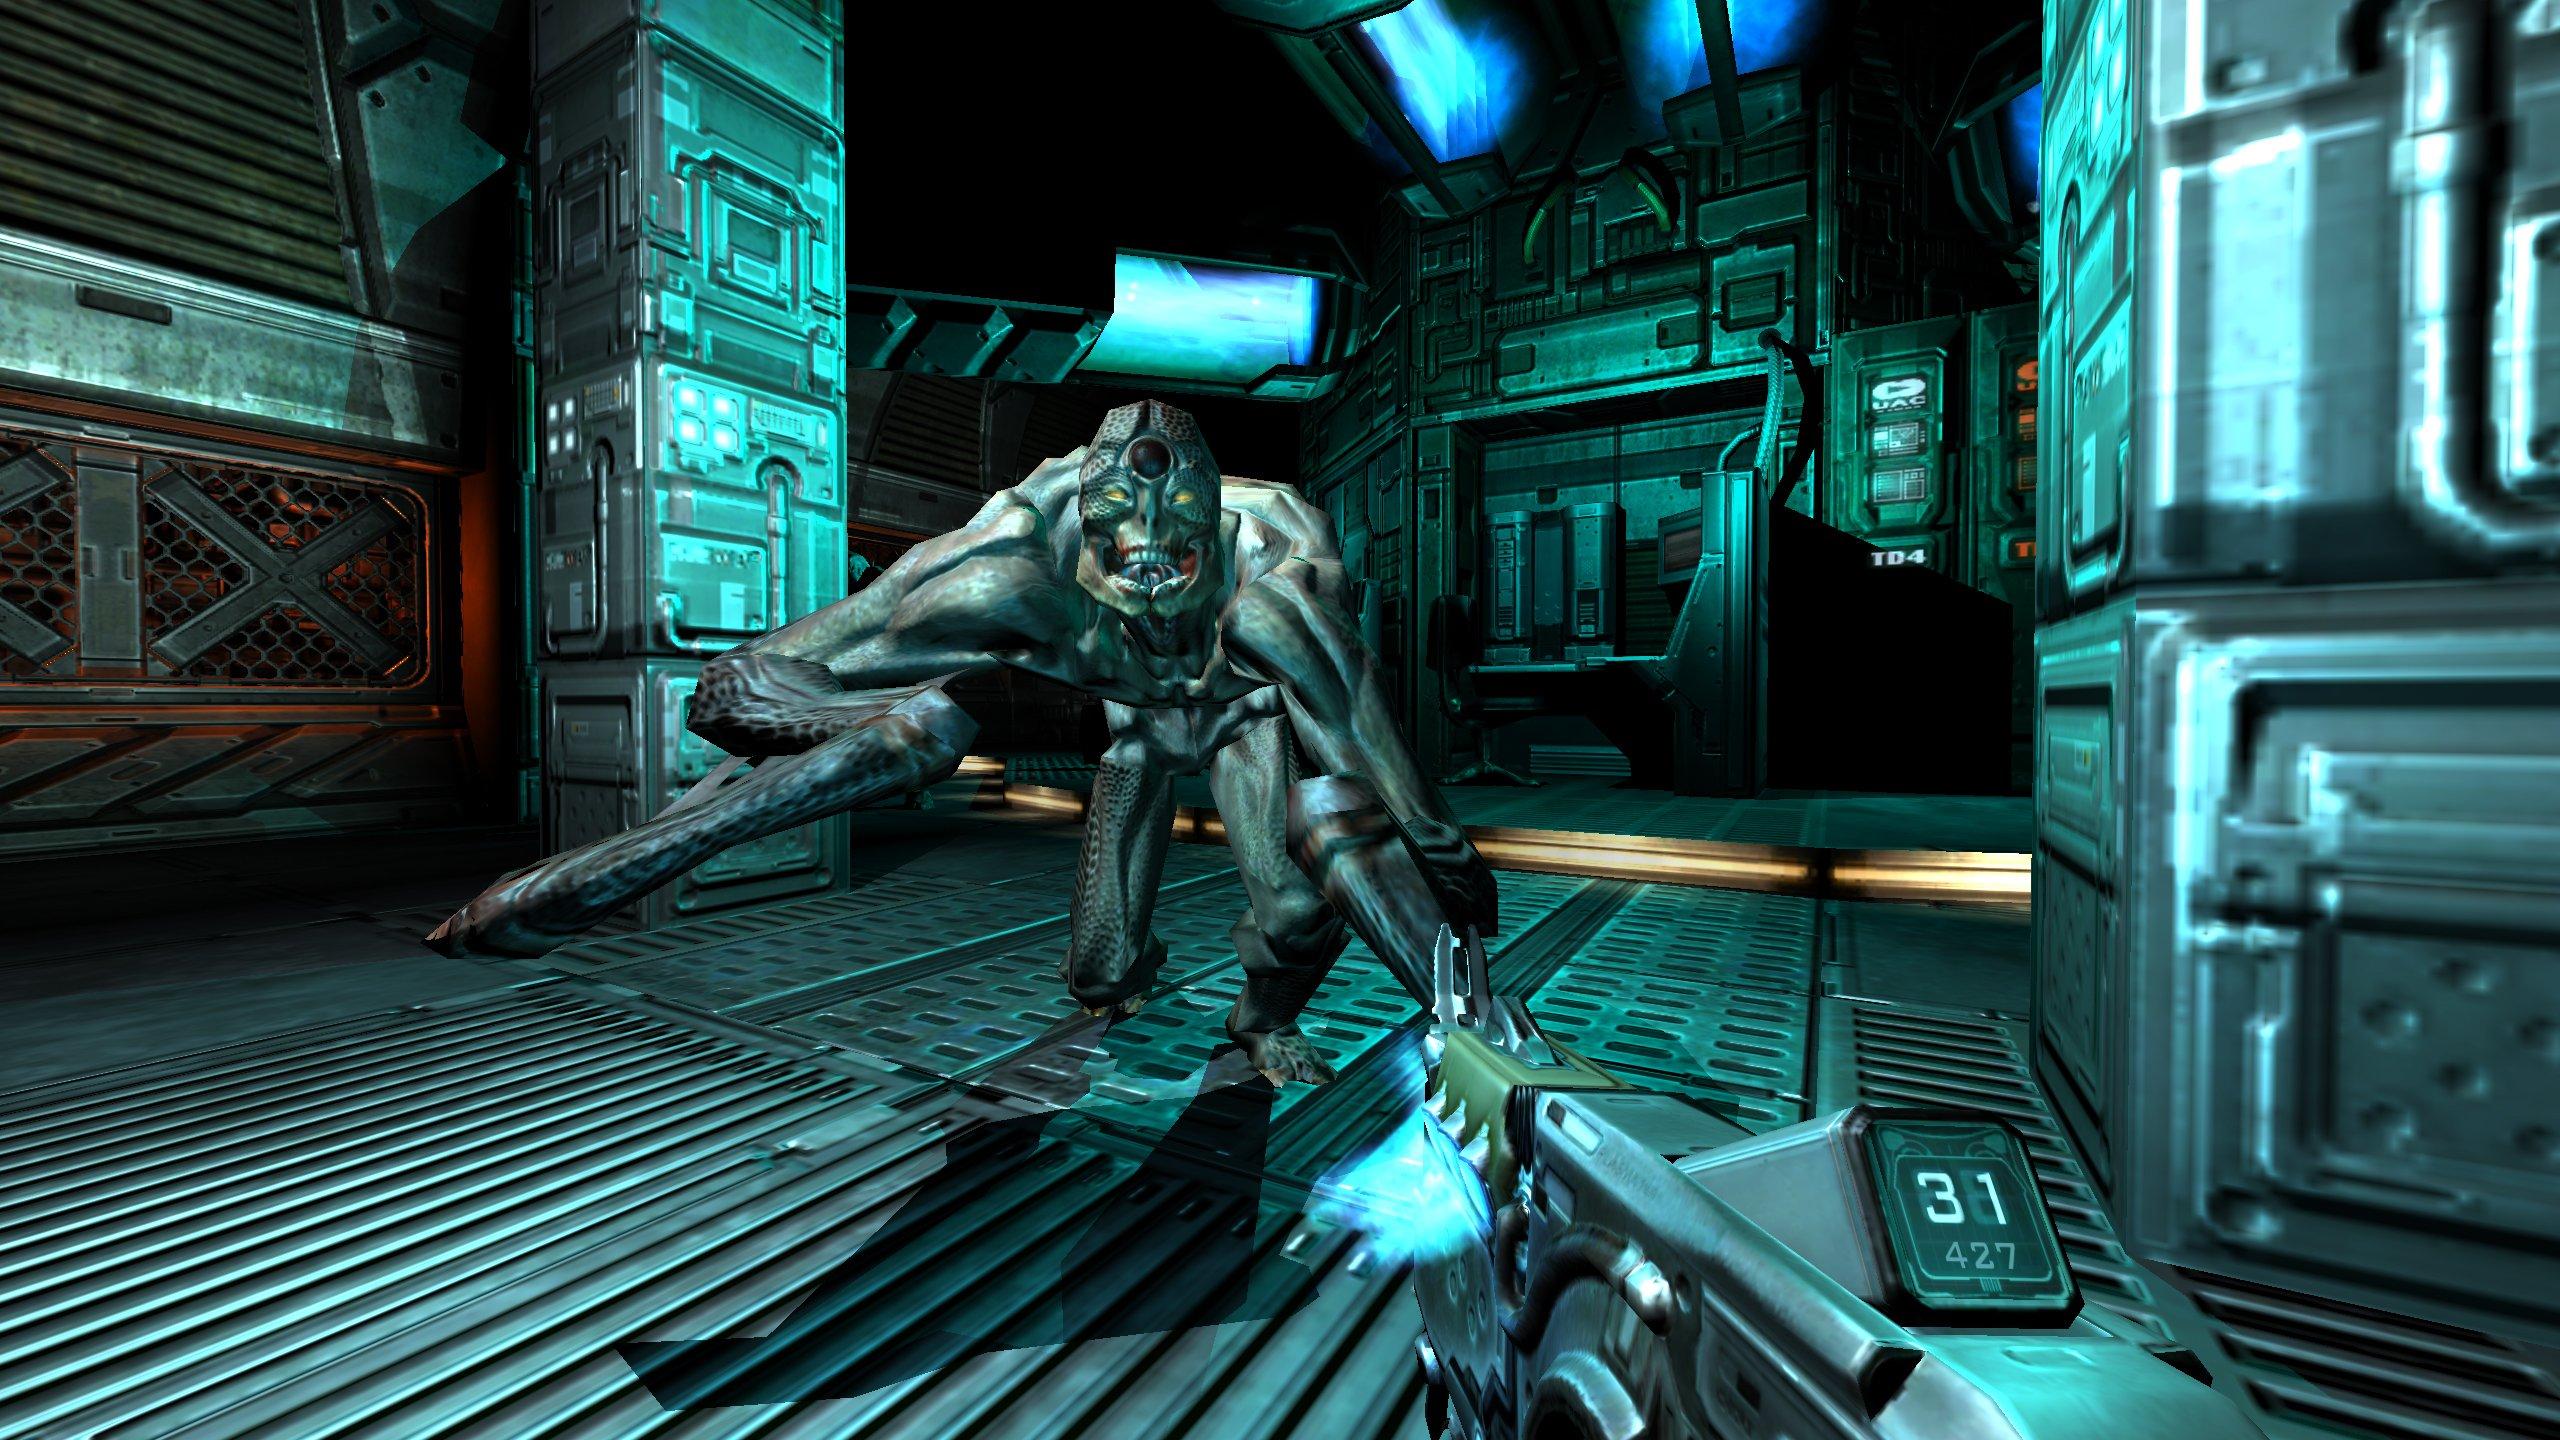 FPS界の伝説的な存在「DOOM 3」が、「DOOM III BFG Edition」(Bethesda Fucking Games:Bethesdaの最高に活かしたゲーム)としてHD&3D立体視リメイクを果たして再登場する。PS3、Xbox 360向けとしては初登場となる。バリュープライスのパッケージとして今秋発売予定。日本展開も予定している。8年ぶりにプレイしたが、リアルタイムの広言処理、陰影処理は、いまだにまったく色あせておらず、当時の先進性を今に伝えてくれる貴重なタイトルとなっている。ゲームパッドでの操作も、「RAGE」の開発経験から、実に良好な感じで違和感なくプレイすることができた